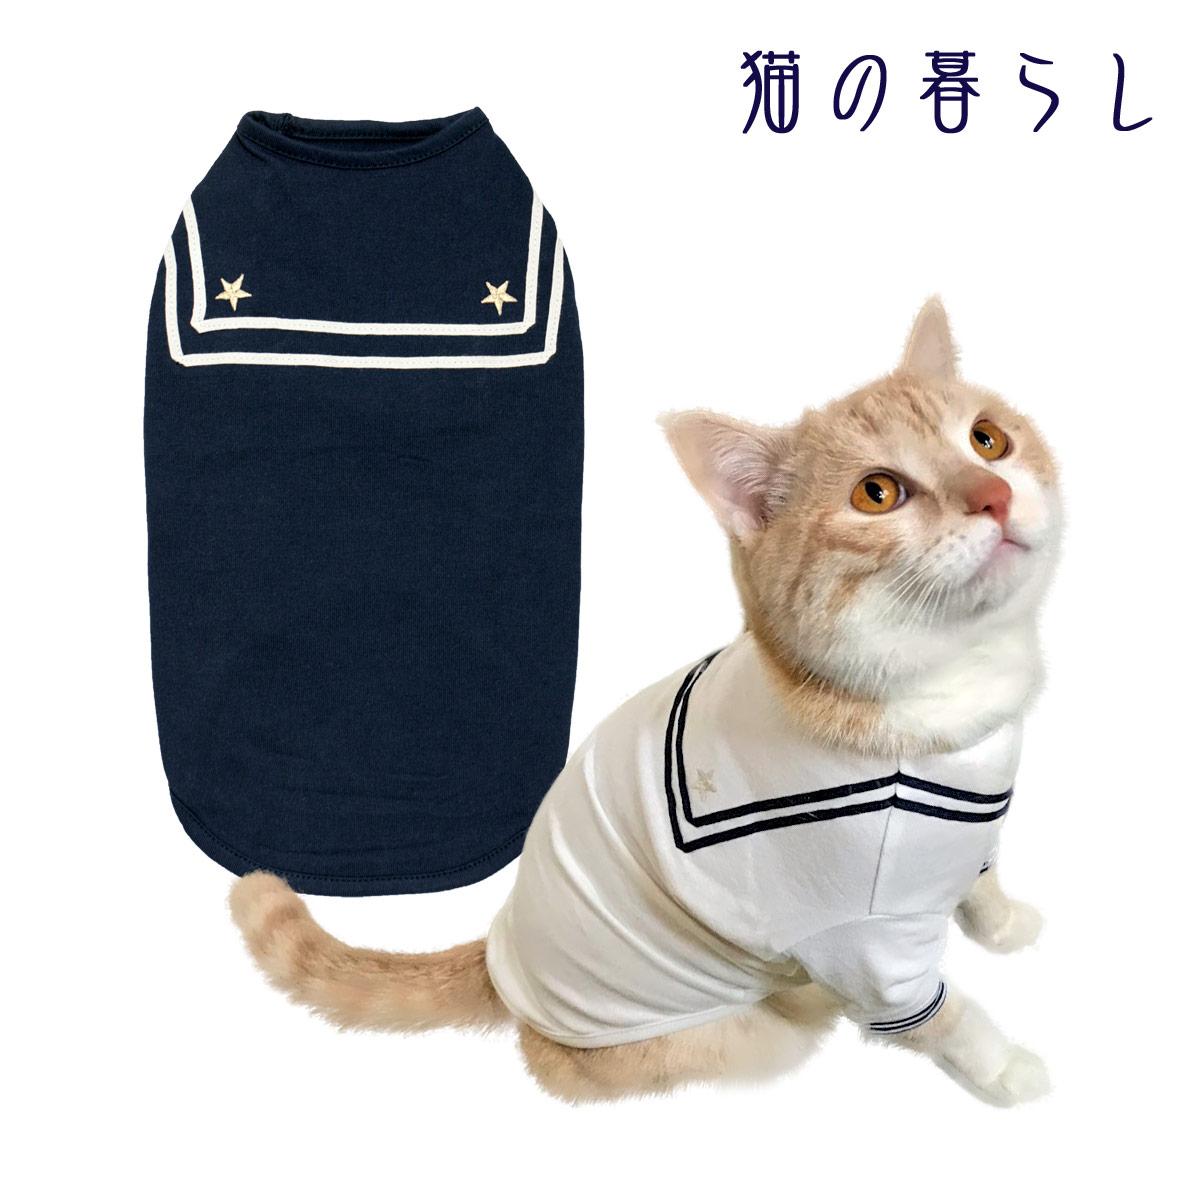 セーラーTシャツ キャット